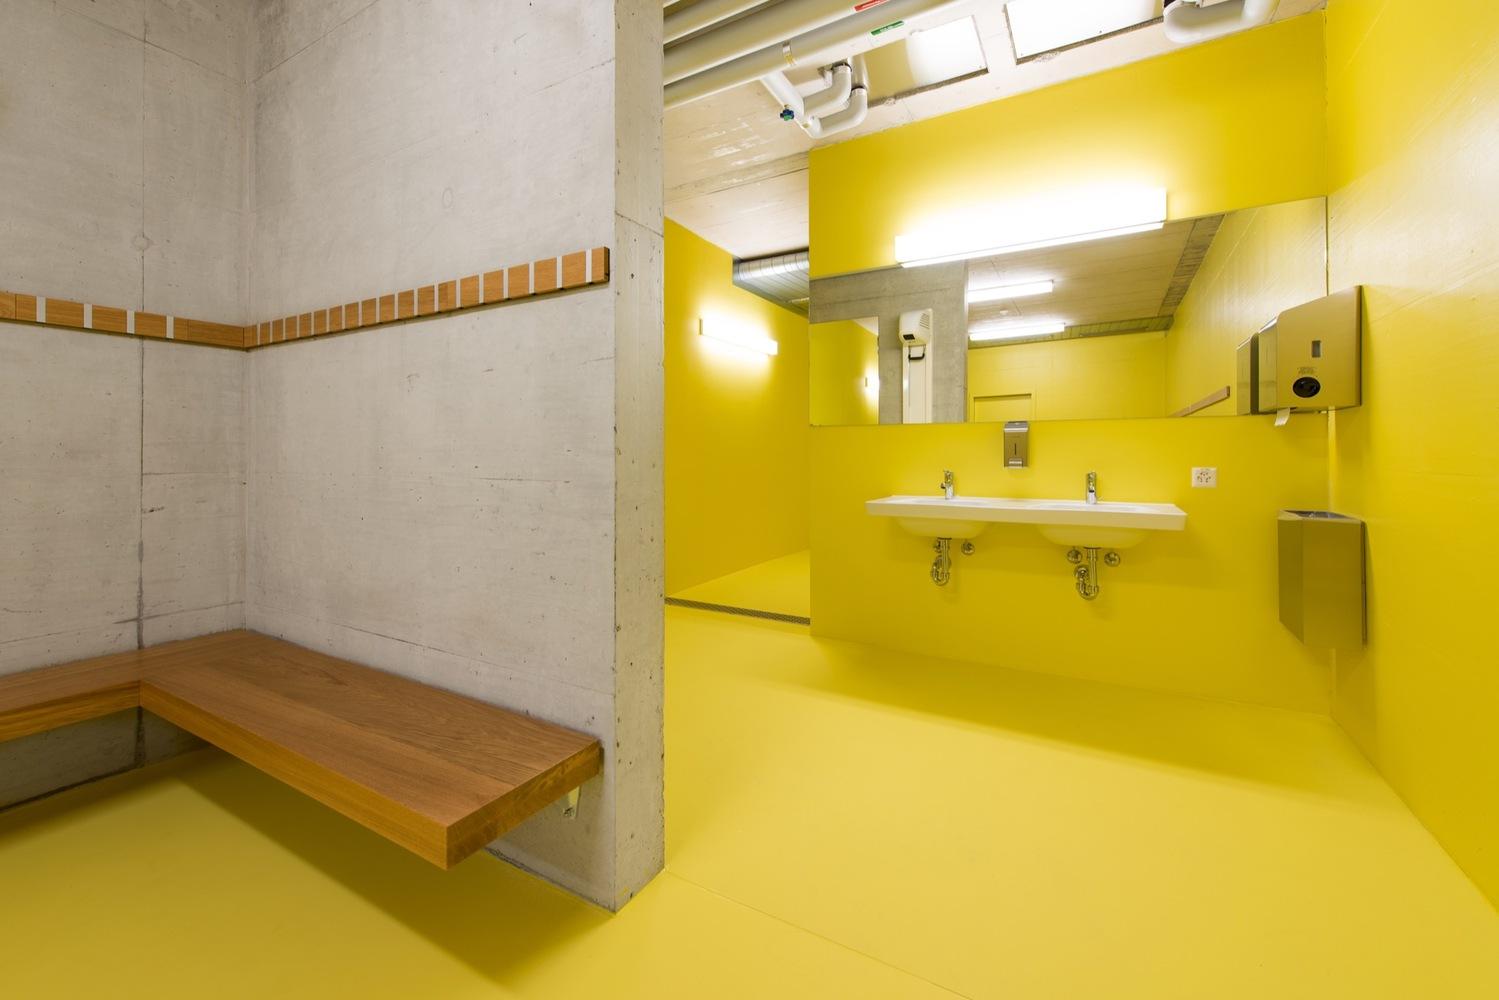 Gallery of Neumatt Sports Center Evolution Design 15